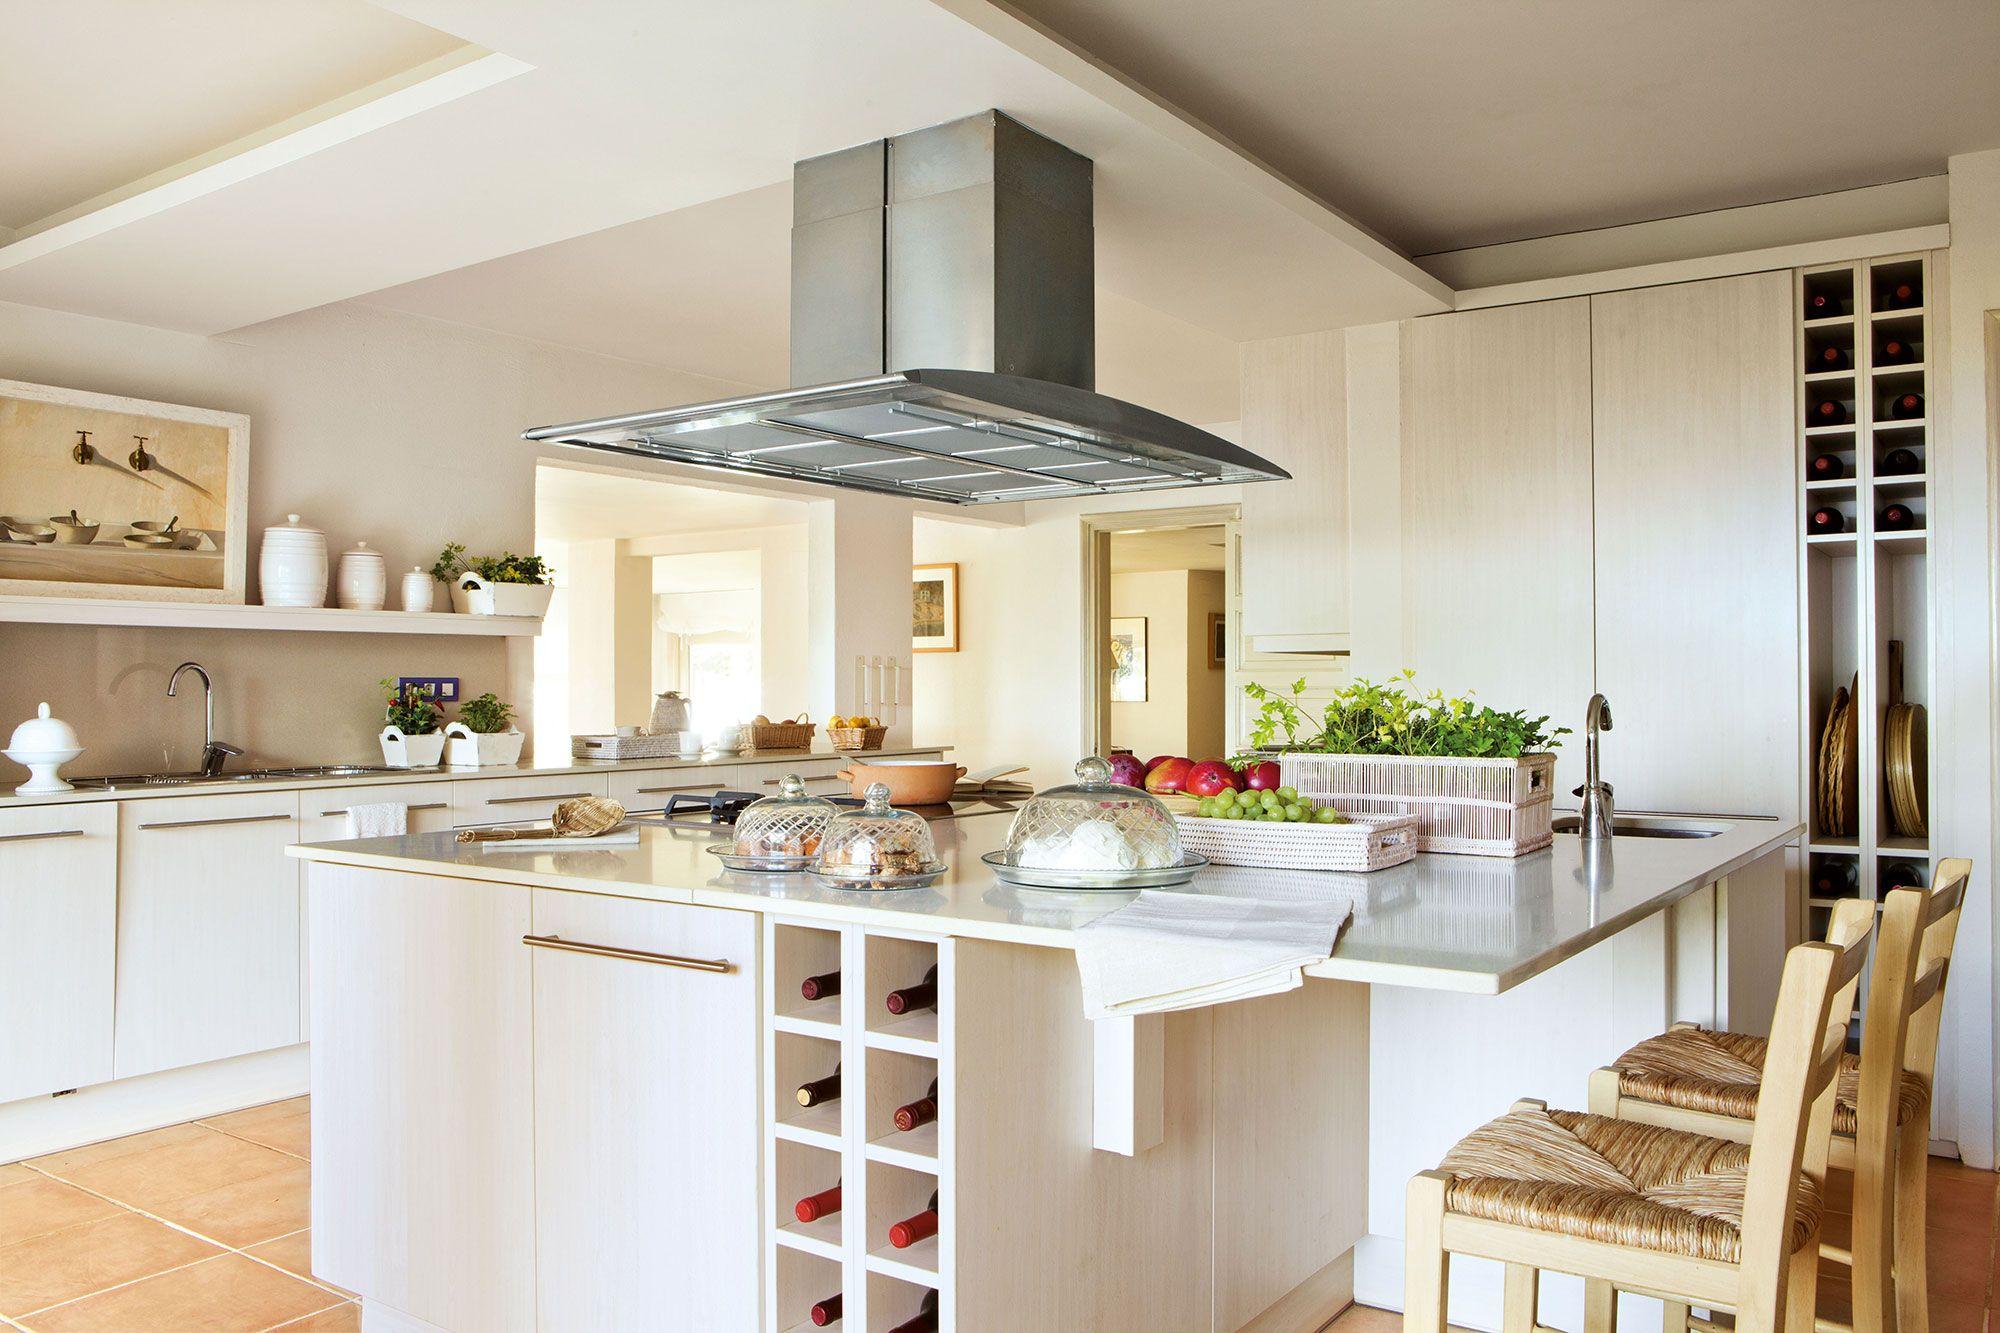 Cocina amplia y luminosa con mobiliario blanco y encimera de acero ...